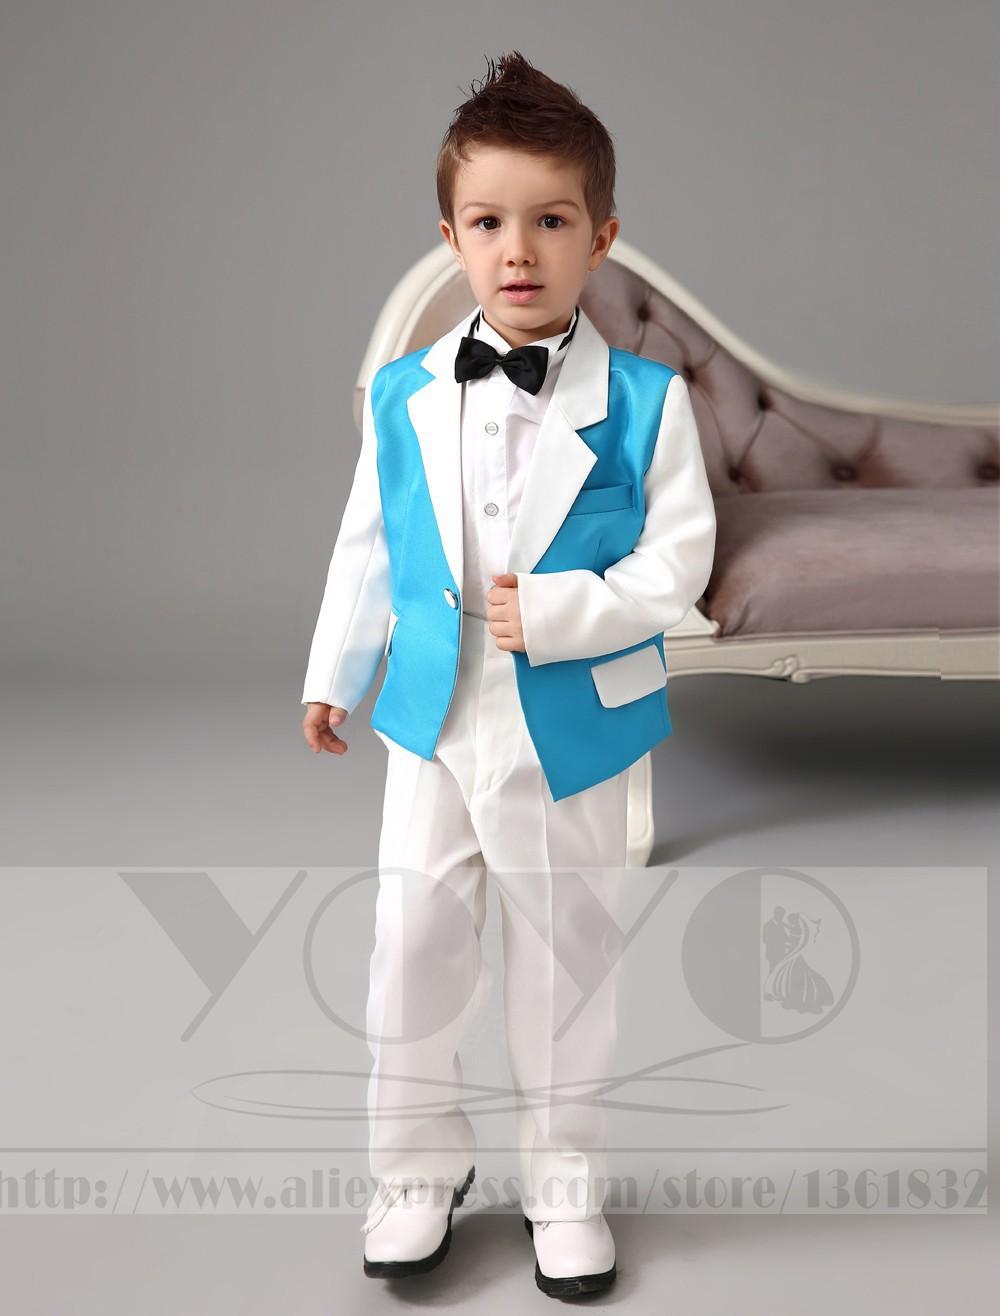 Скидки на Четыре Пьесы Роскошный формальные синий и белый костюмы для мальчиков Кольцо предъявителя Костюмы дети Смокинг С Черным Галстуком-бабочкой мальчиков наряд костюмы